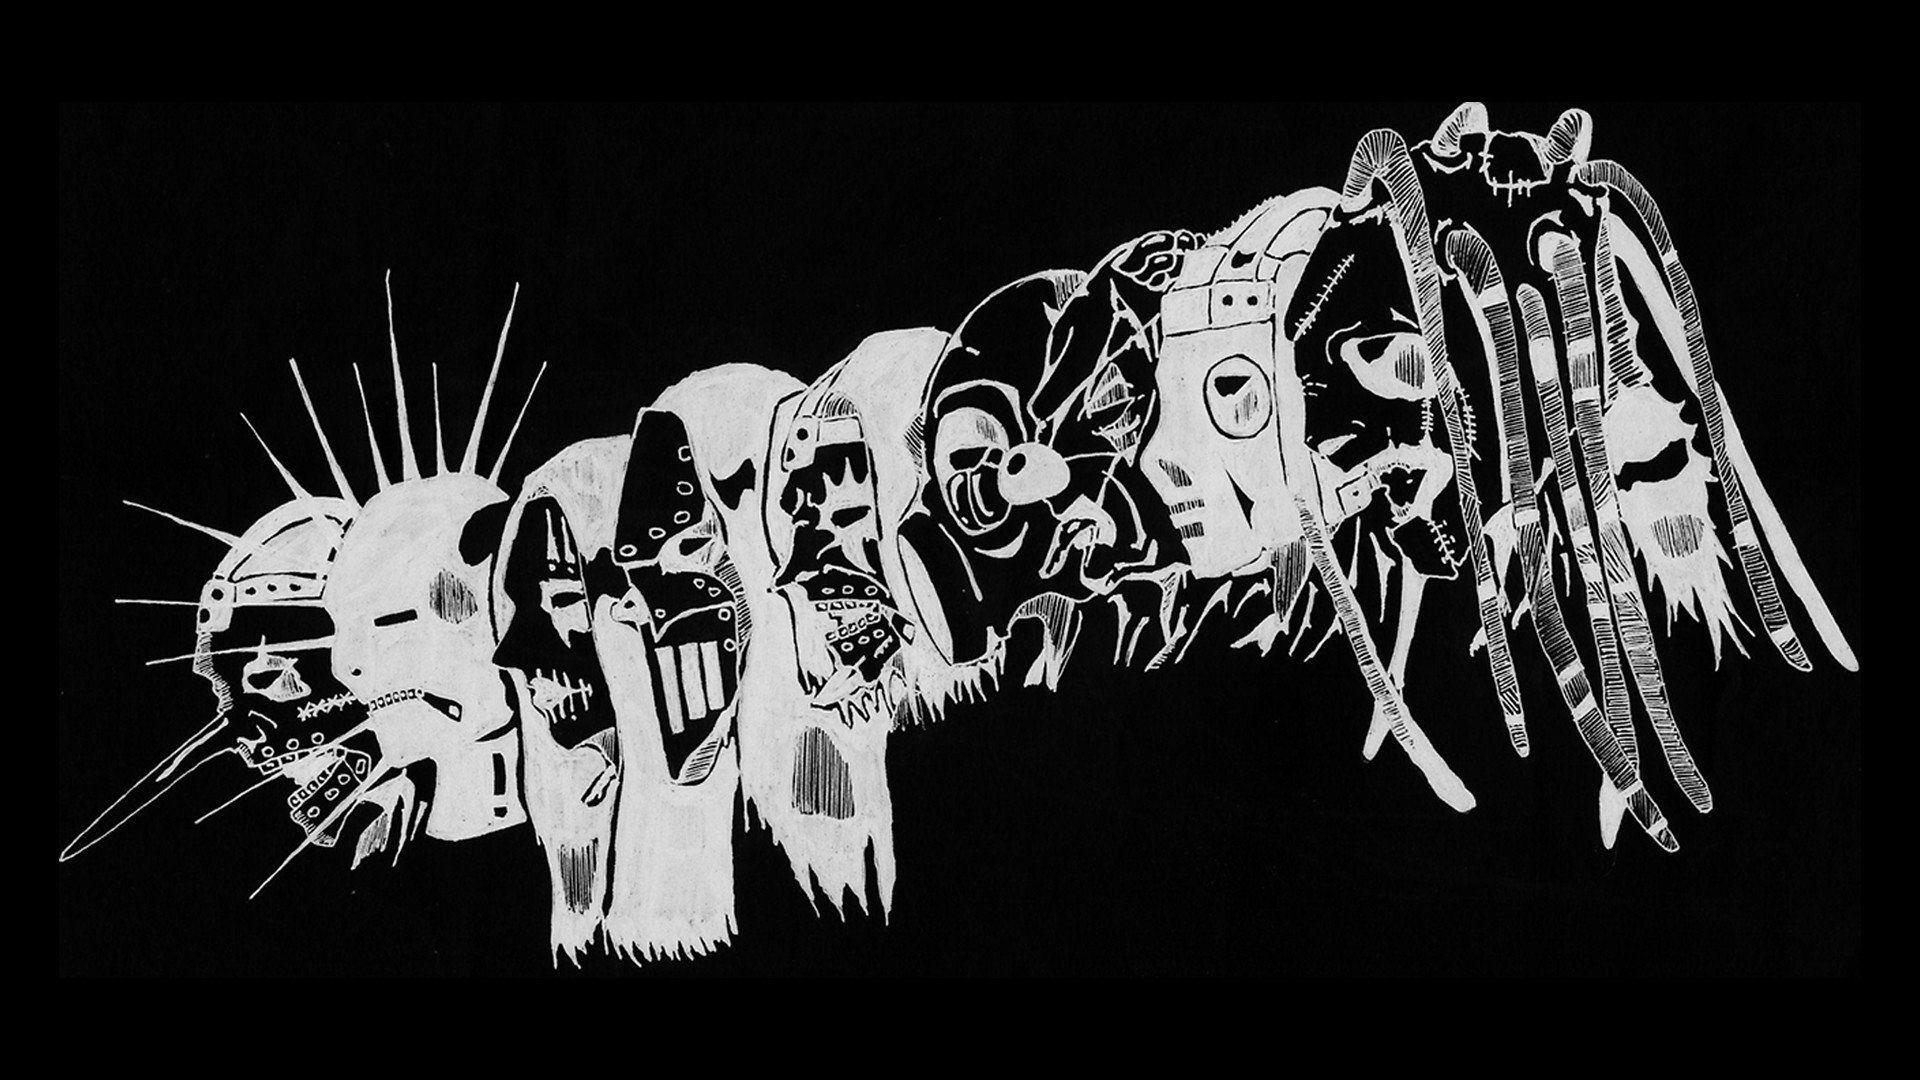 Slipknot Wallpapers Top Free Slipknot Backgrounds